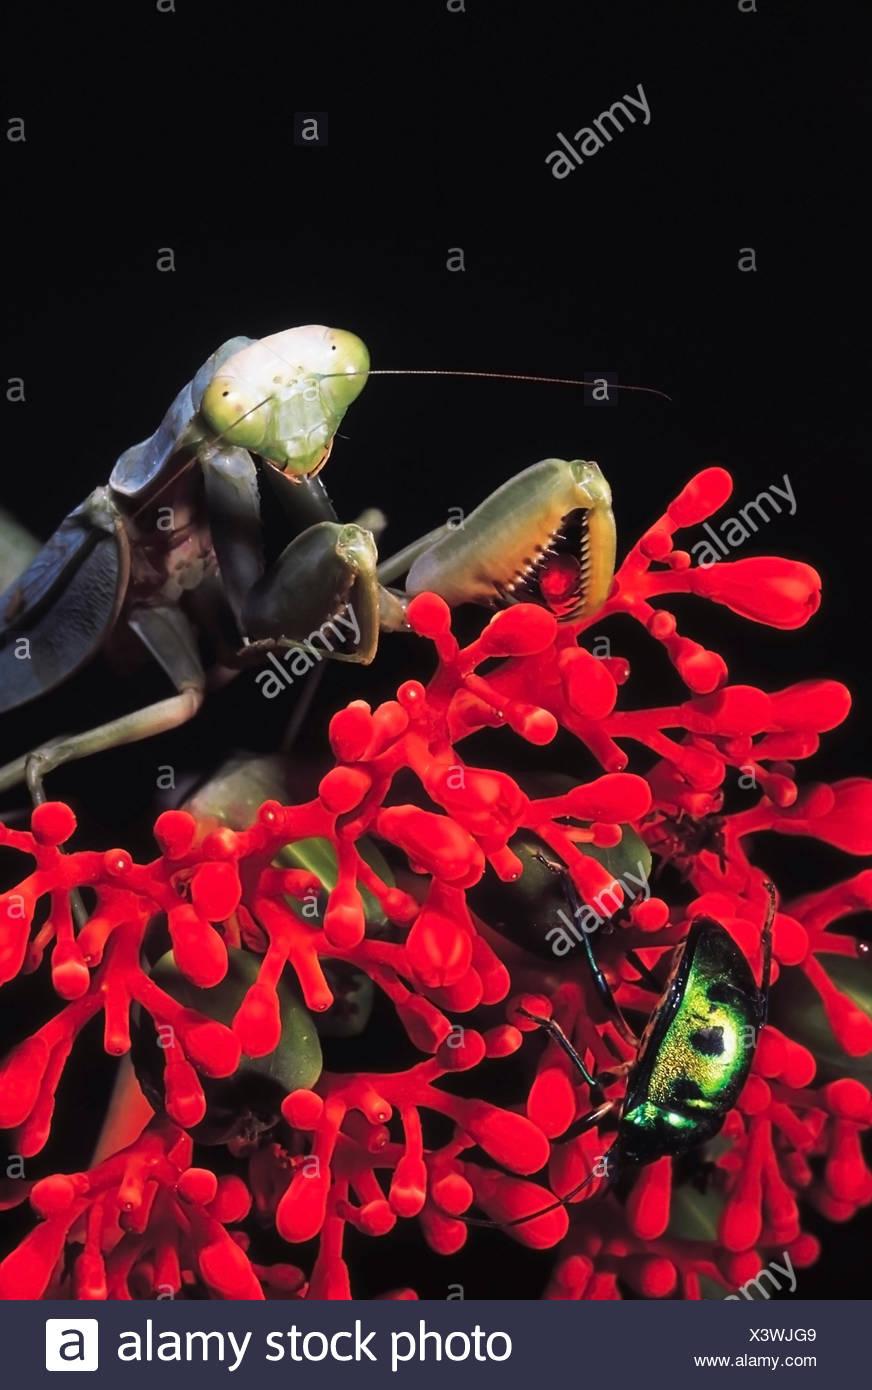 Mantis and Jewel bug. Pune, Maharashtra, India. - Stock Image